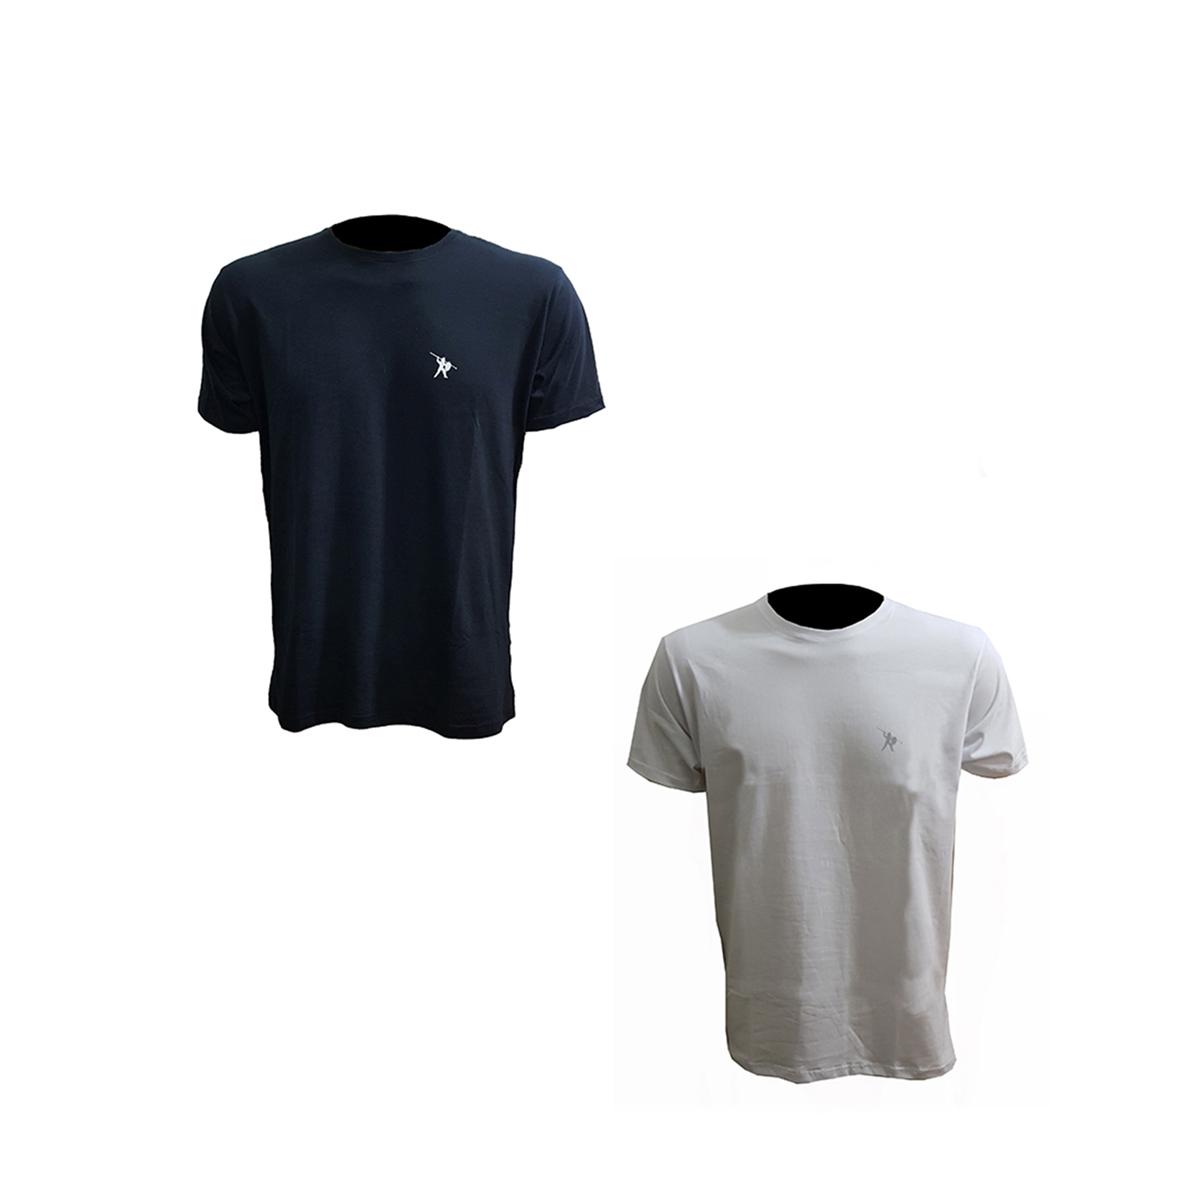 Camisa de malha manga curta Básica 100% Algodão